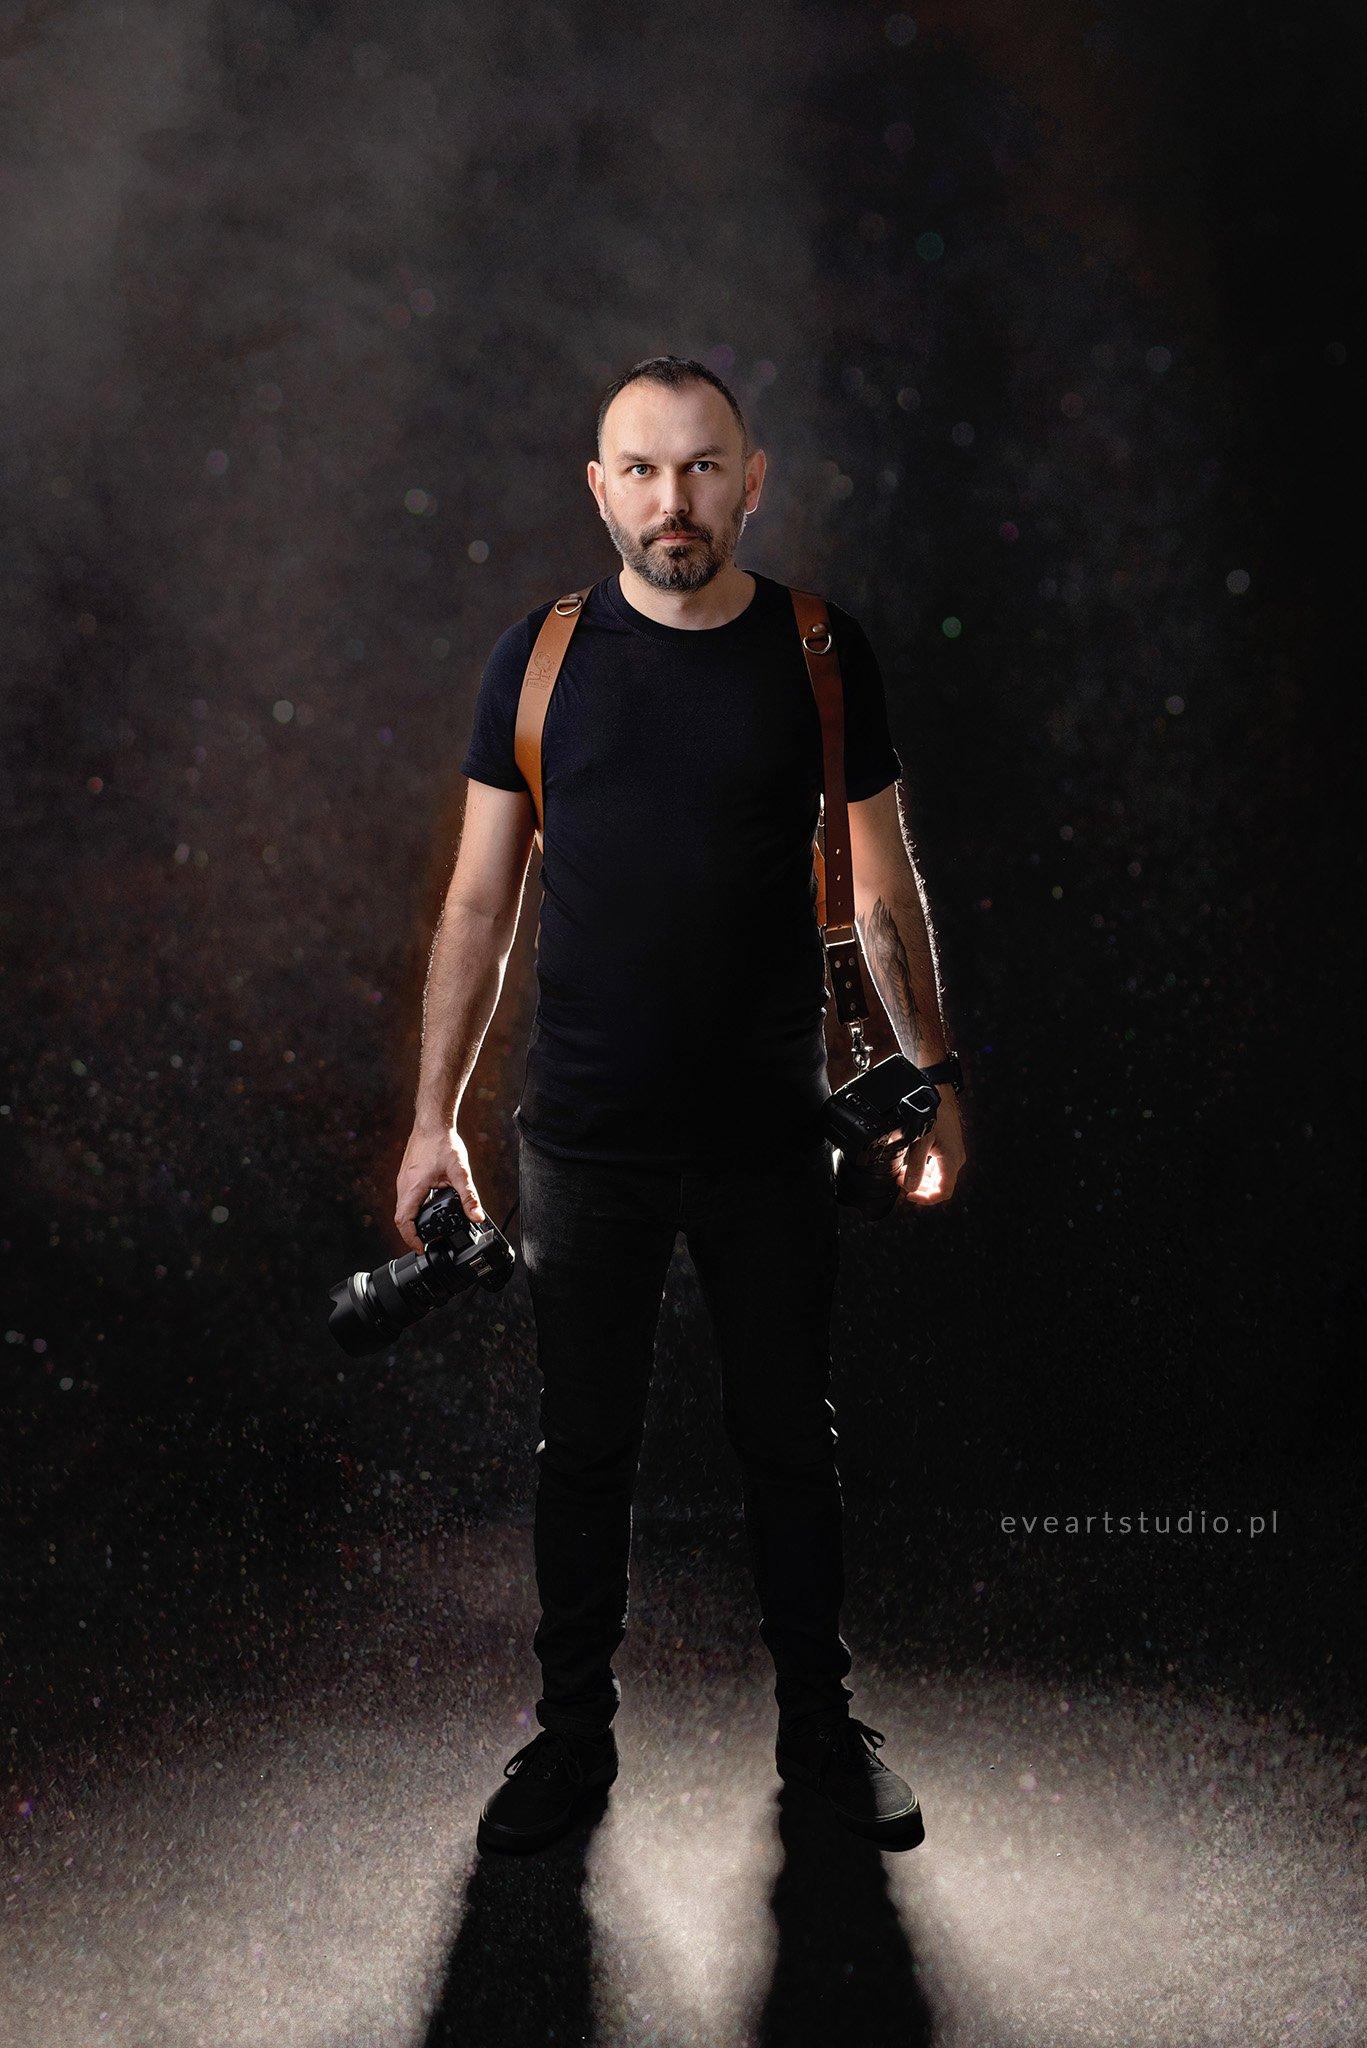 fotograf_krosno_sesja_biznesowa_do_CV_www_eveart